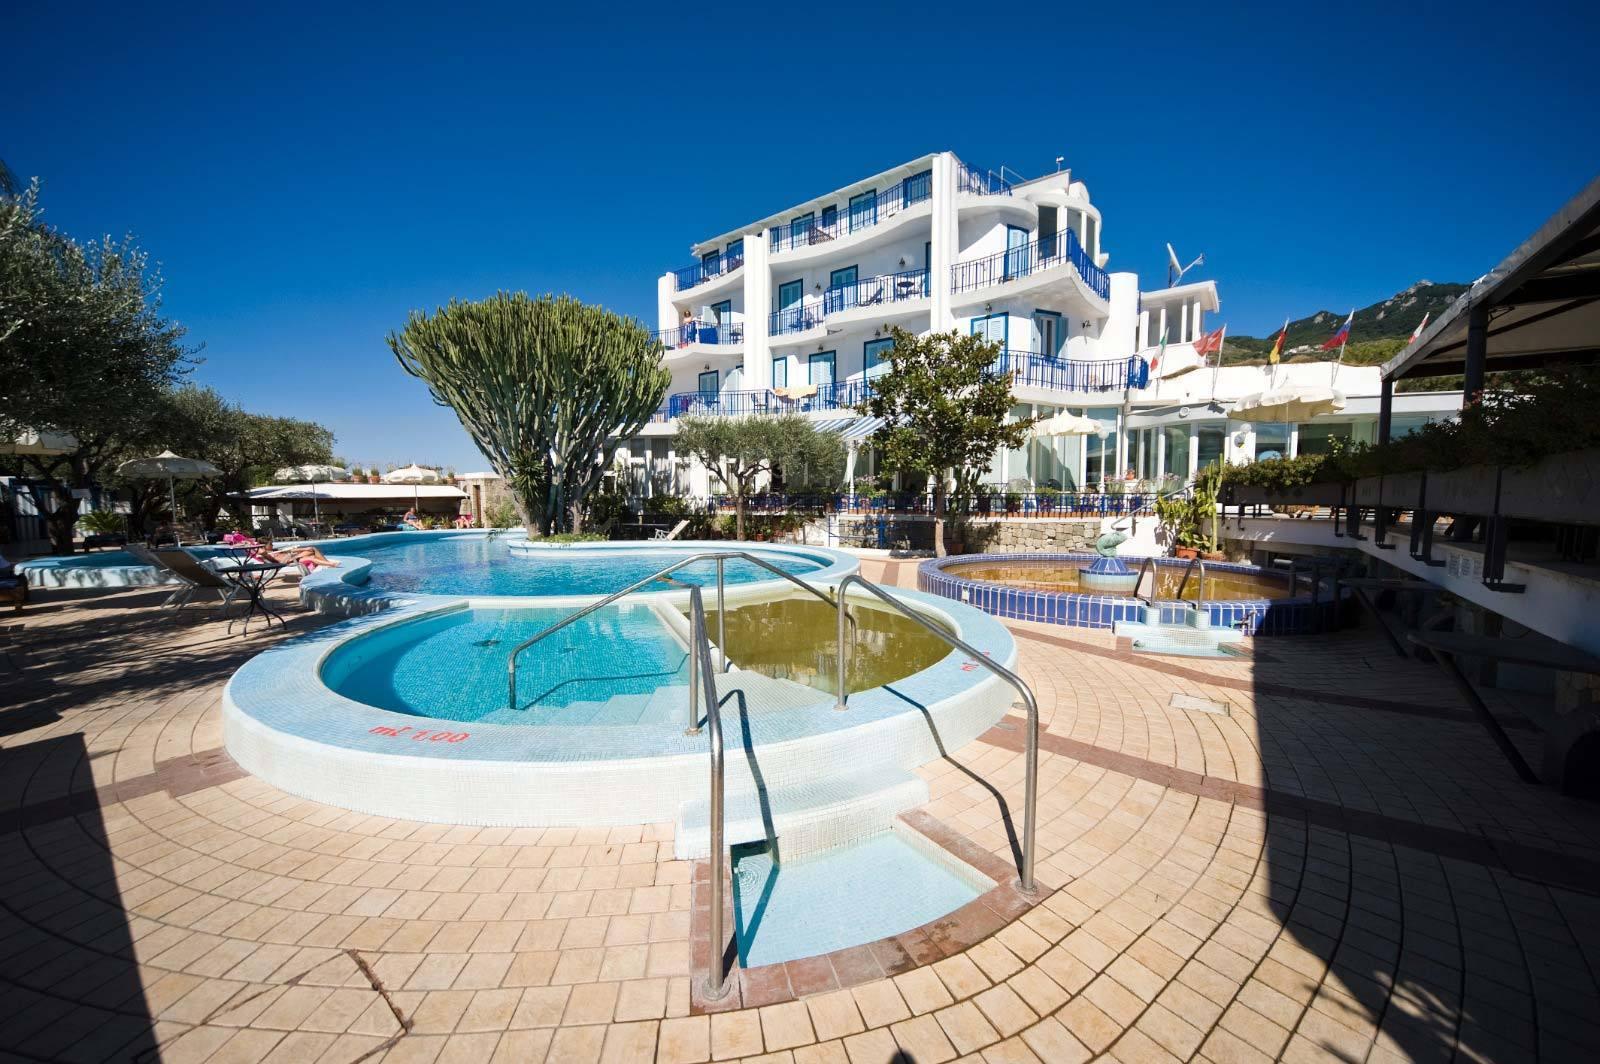 Hotel con piscina forio ischia il gattopardo terme e beauty farm - Hotel a castrocaro terme con piscina ...